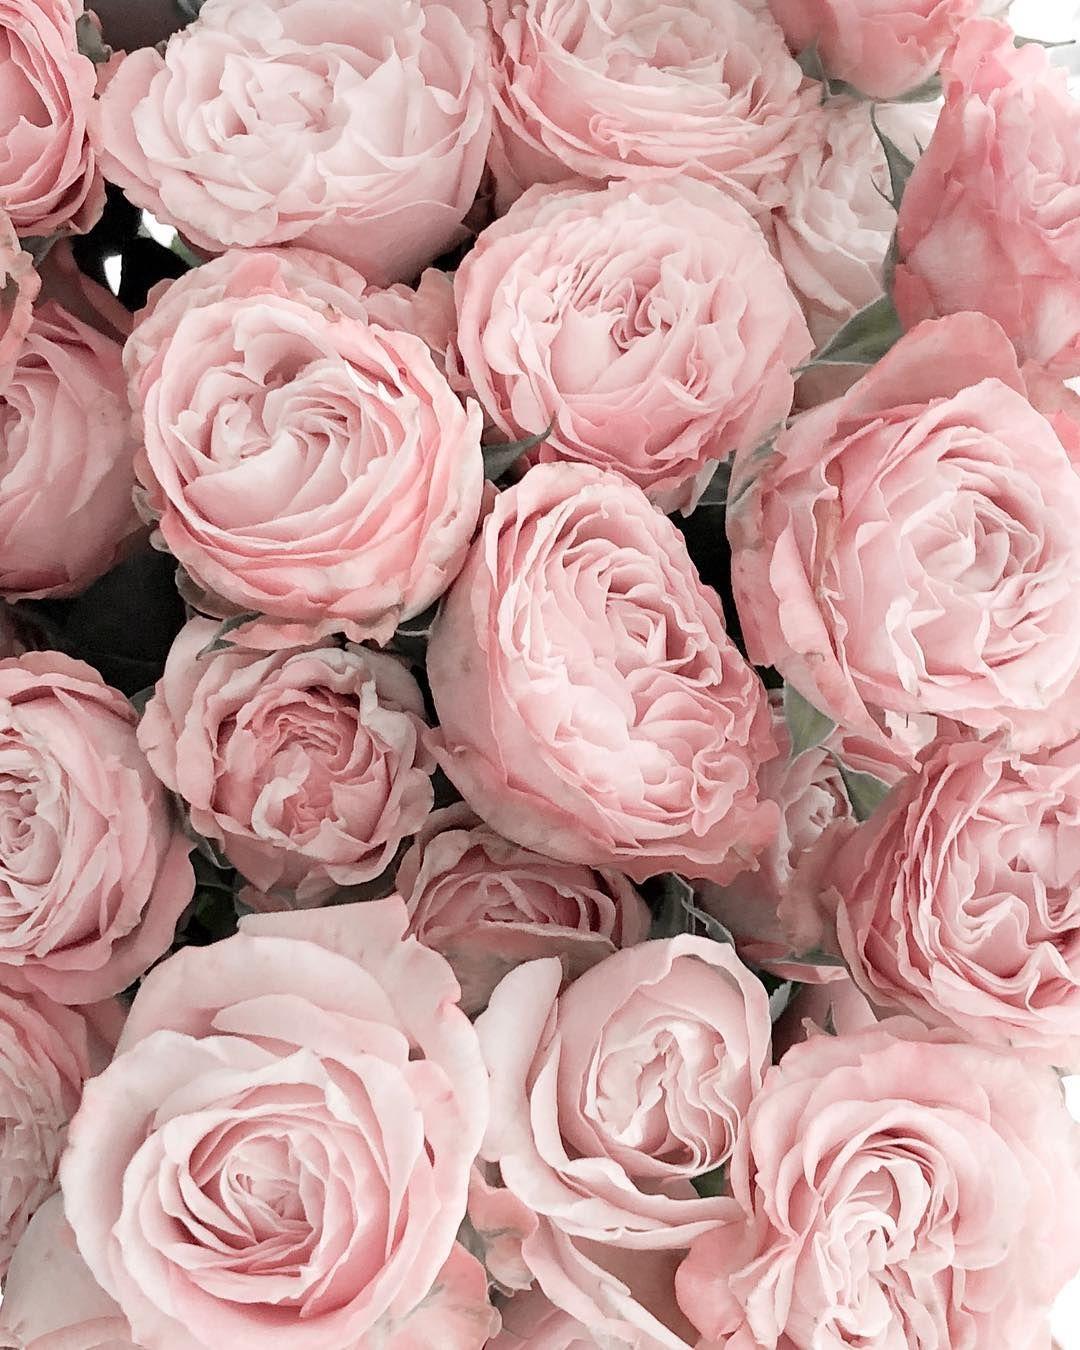 год цветы розовых оттенков картинки инвестиции рынок